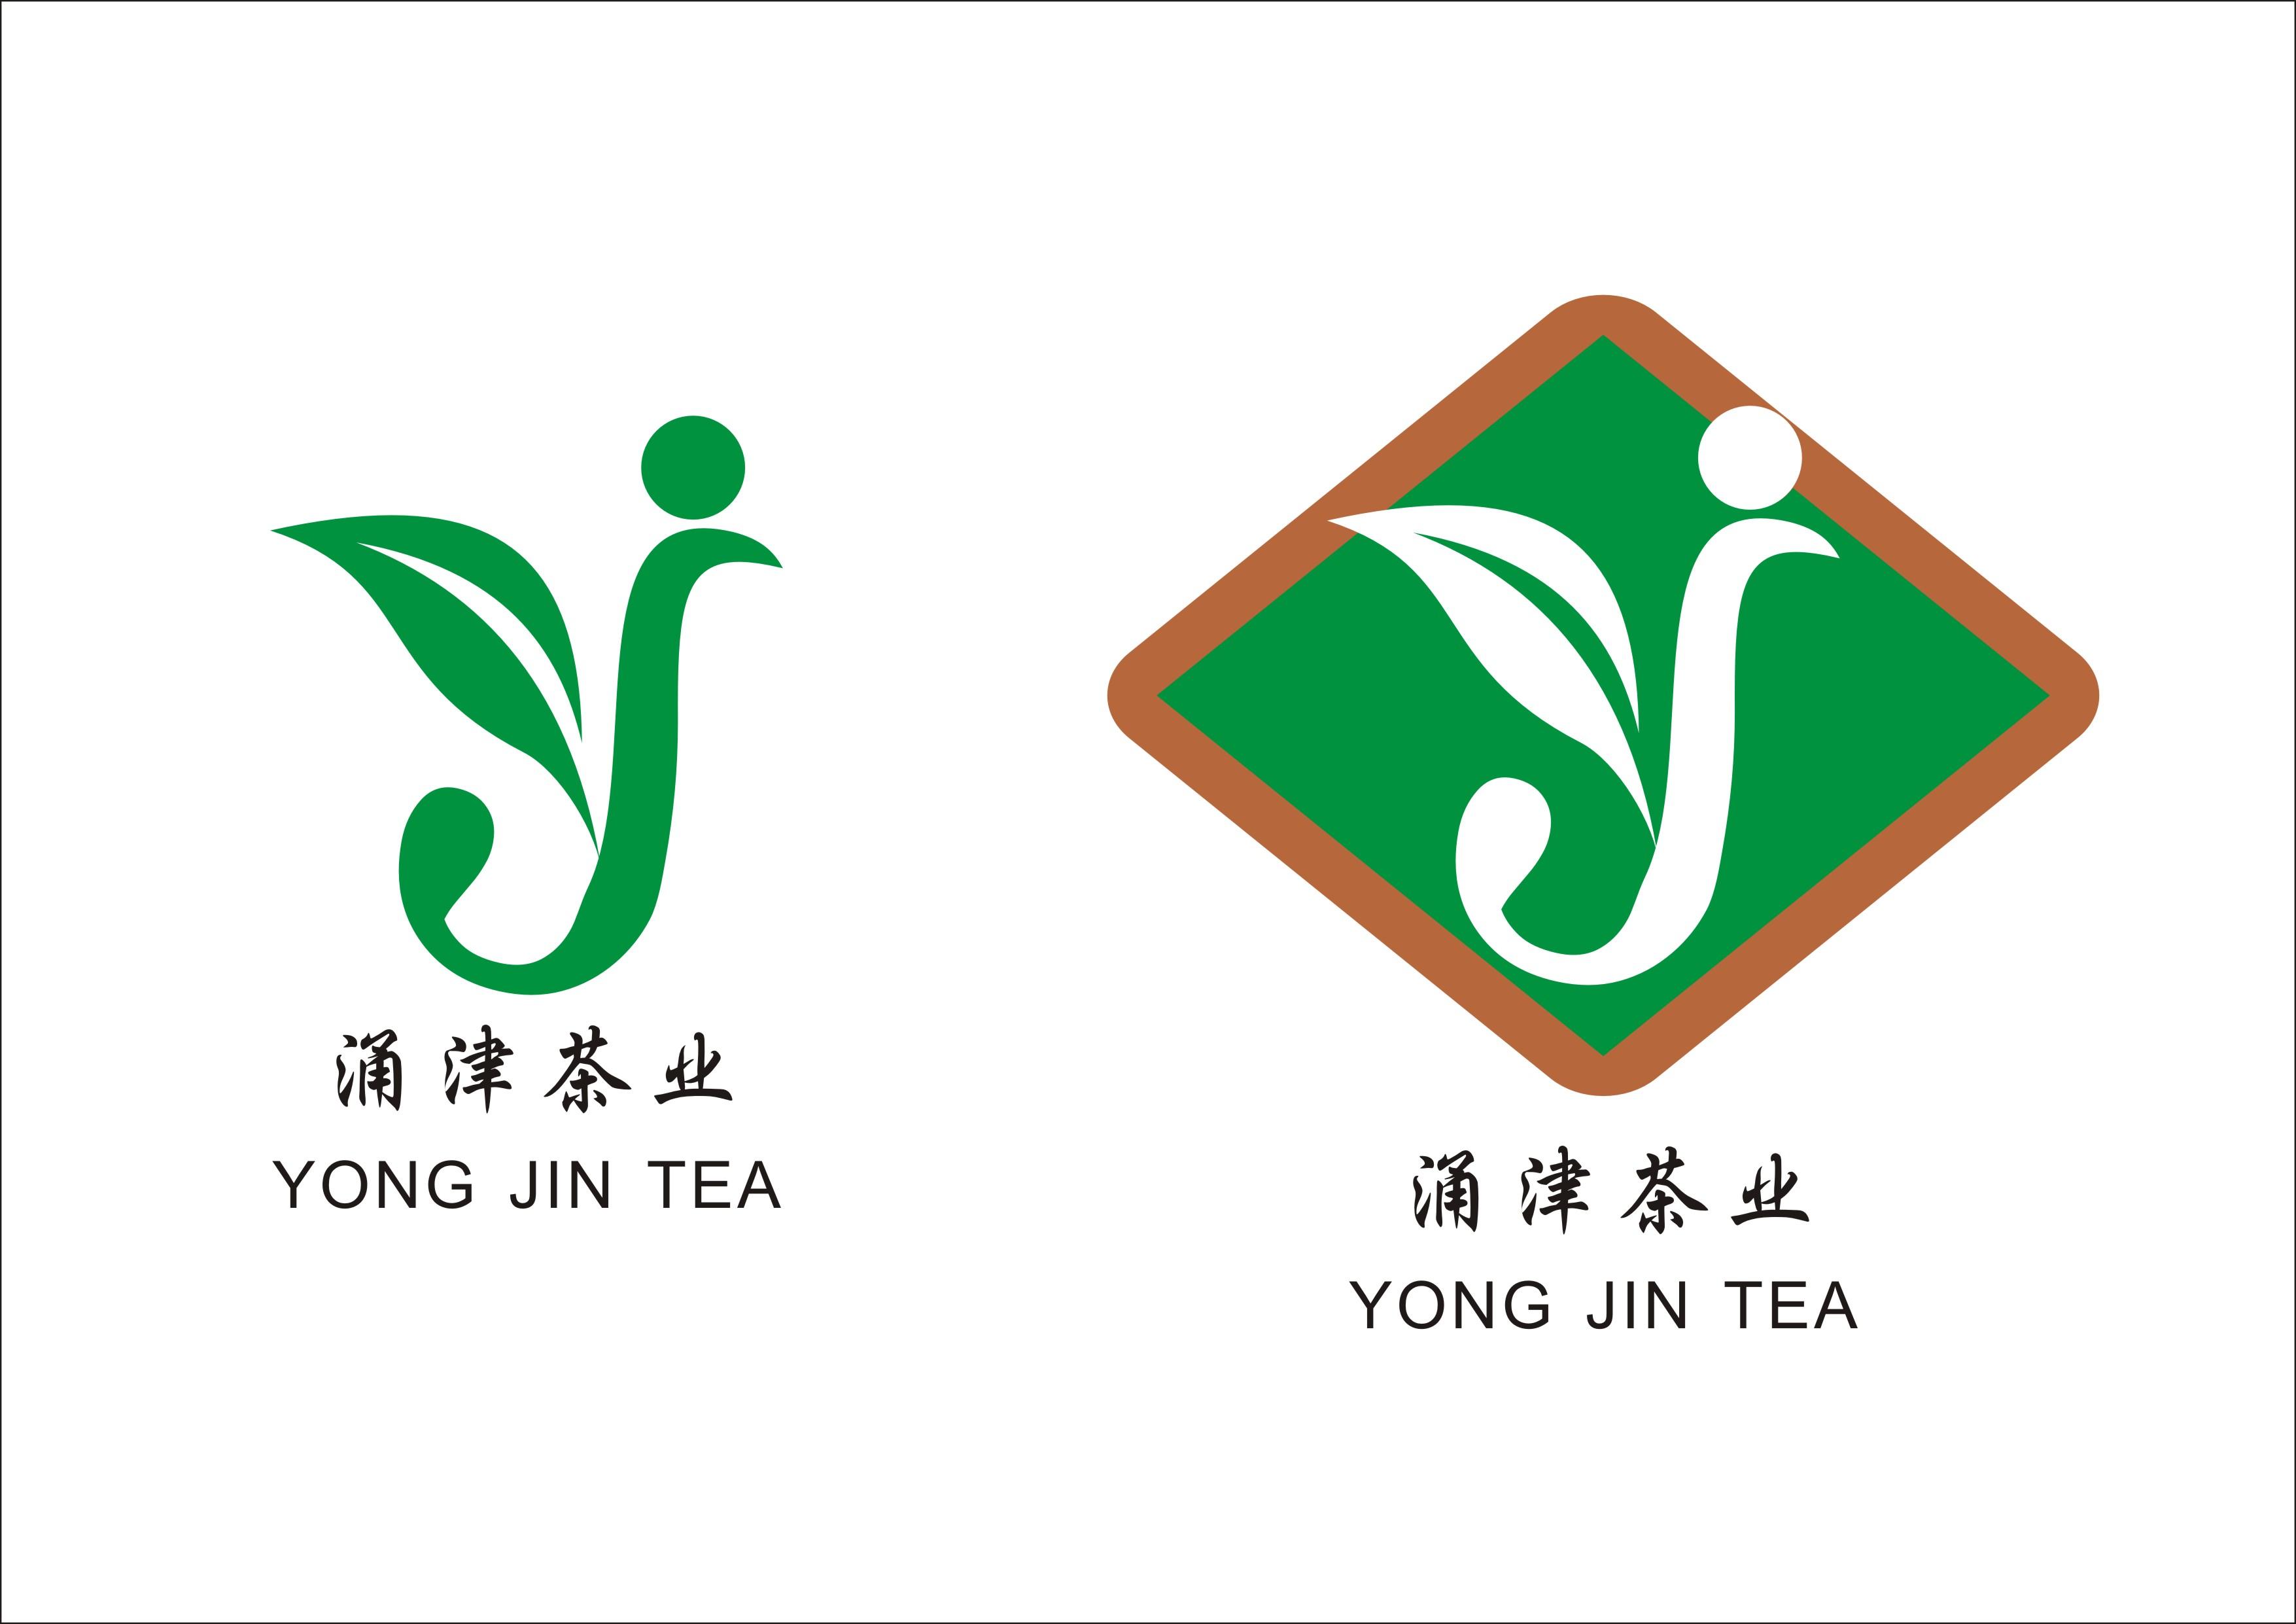 第一个logo是利用涌津的字母yj进行结合与变形